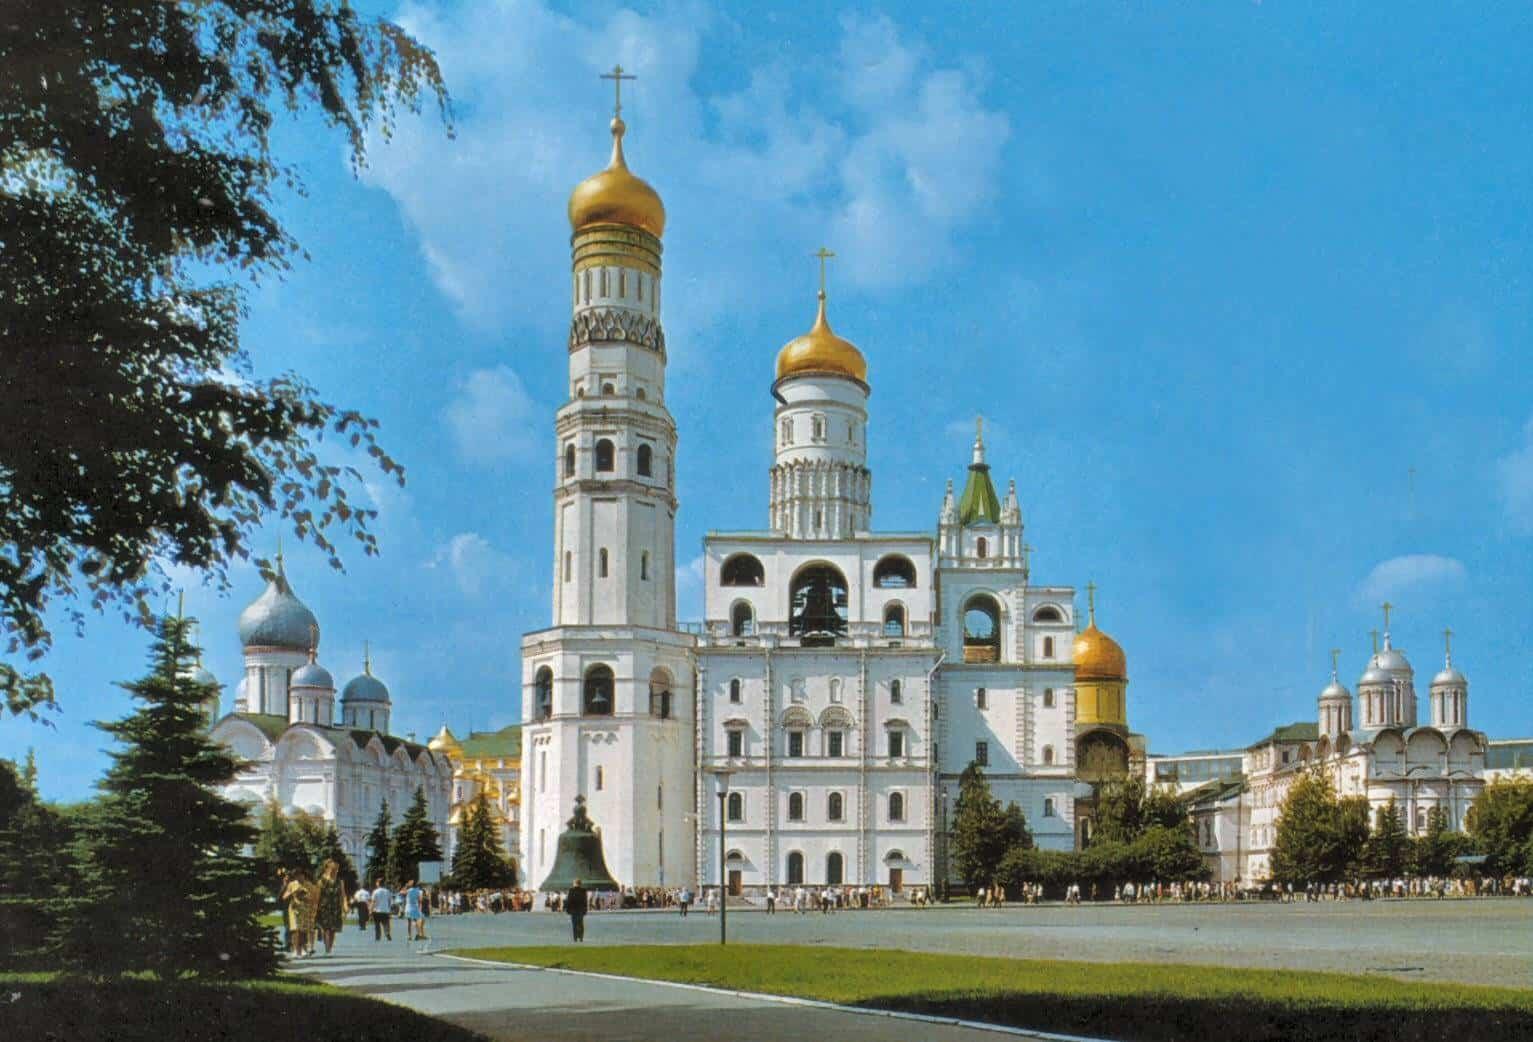 برج اجراس إيفان الكبير في روسيا